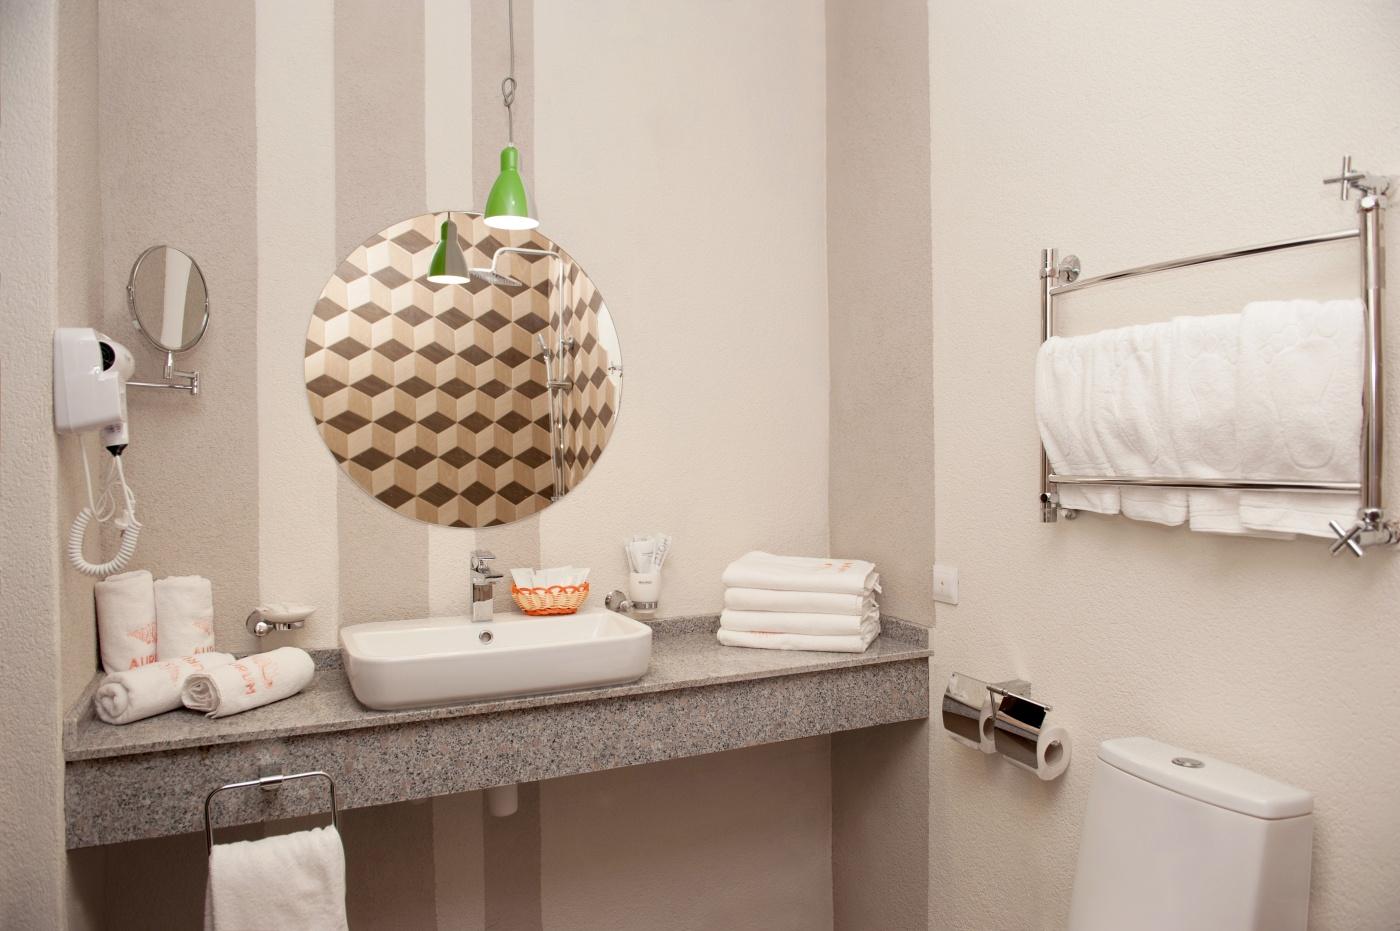 Отель «Aurum Family Resort & Spa» Краснодарский край Apartments 2-местный 3-комнатный, фото 6